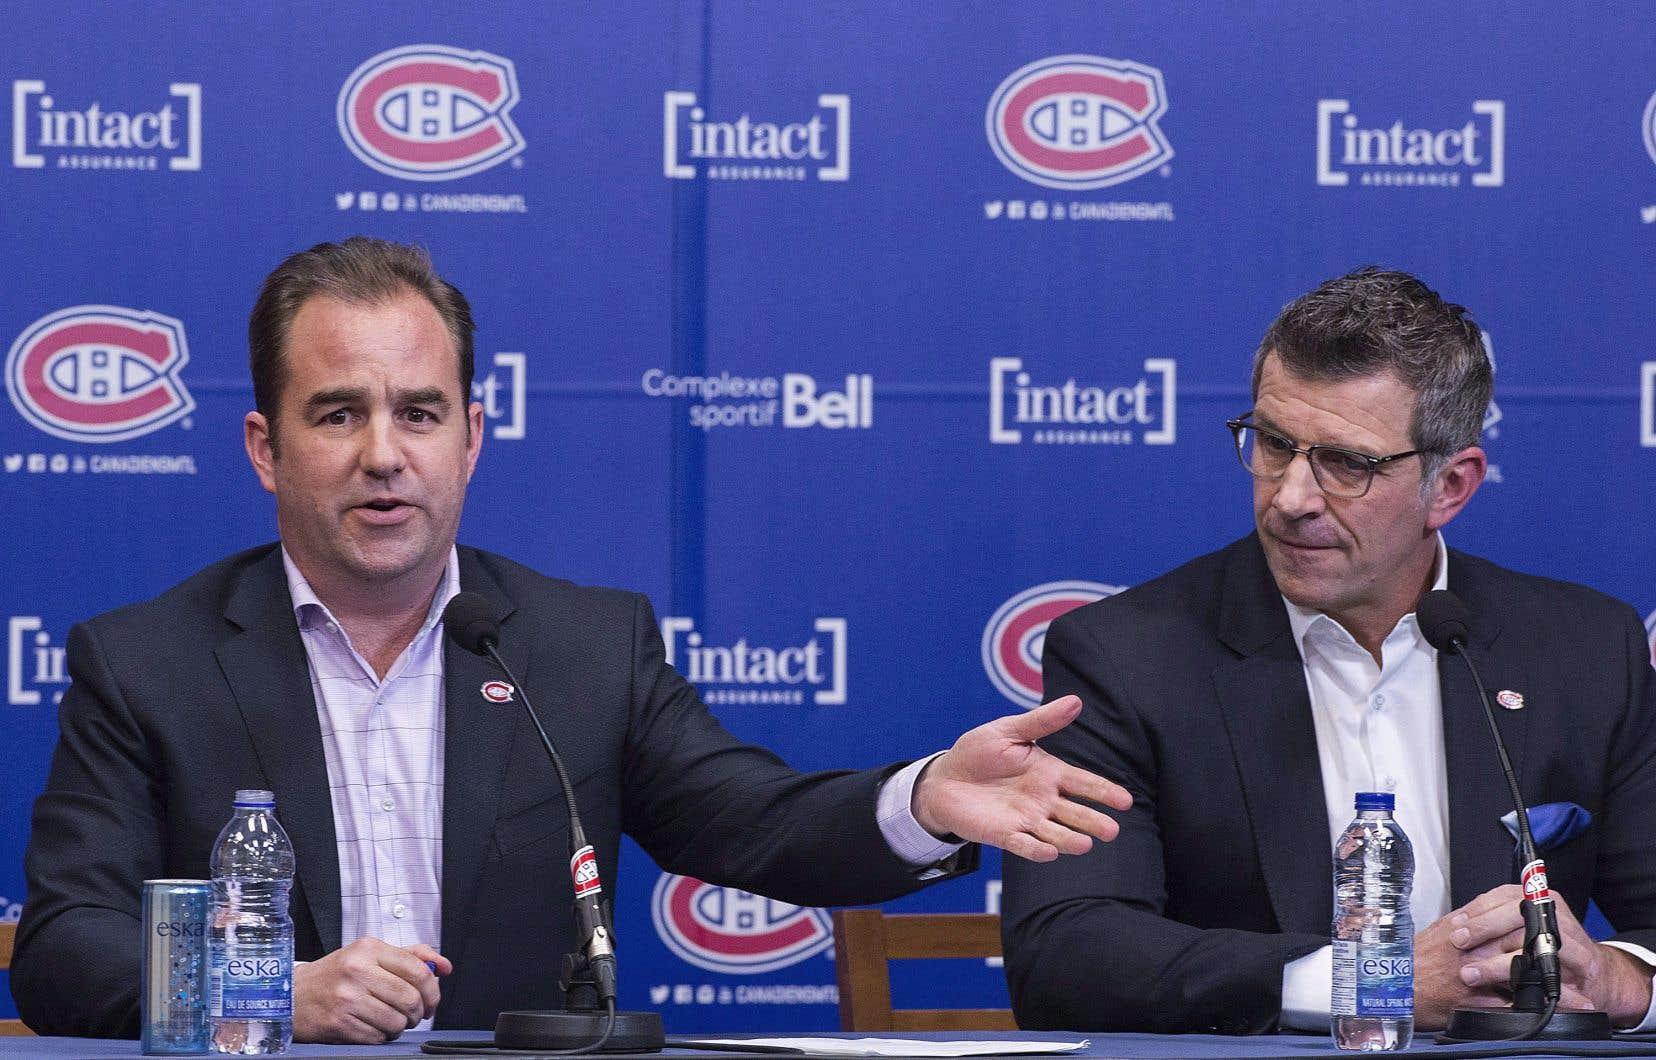 Par communiqué, Molson a exprimé que les actions de Mailloux «ne reflètent en rien les valeurs» de l'équipe.